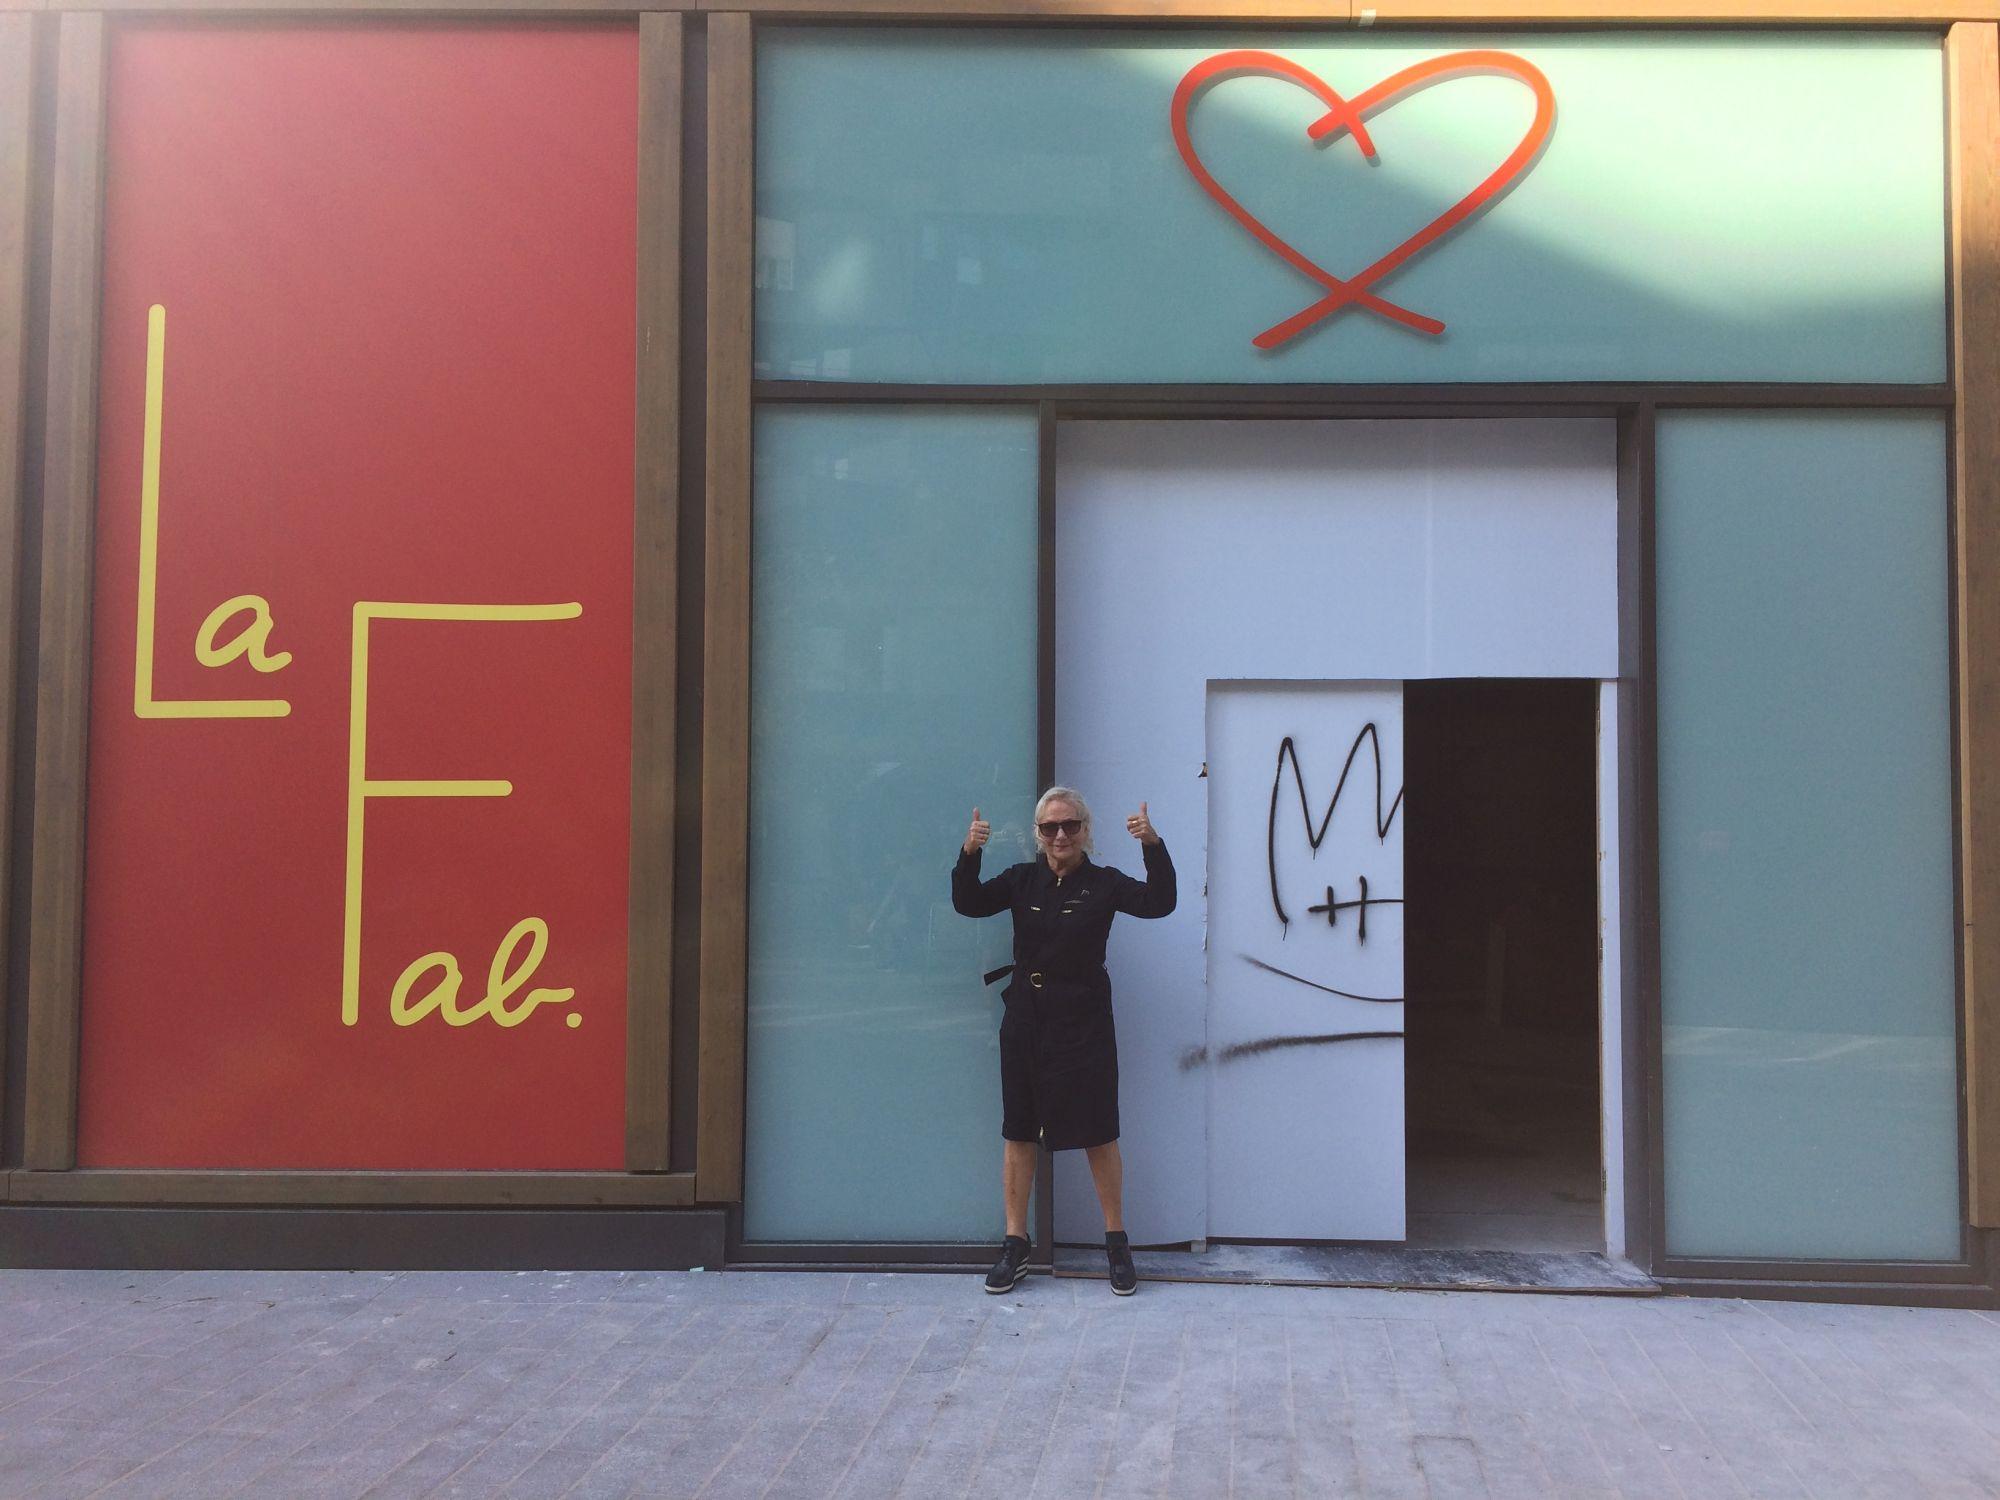 超過5000件現代藝術收藏,agnès b.全球第6間藝廊La Fab現代藝術館座落巴黎第13區